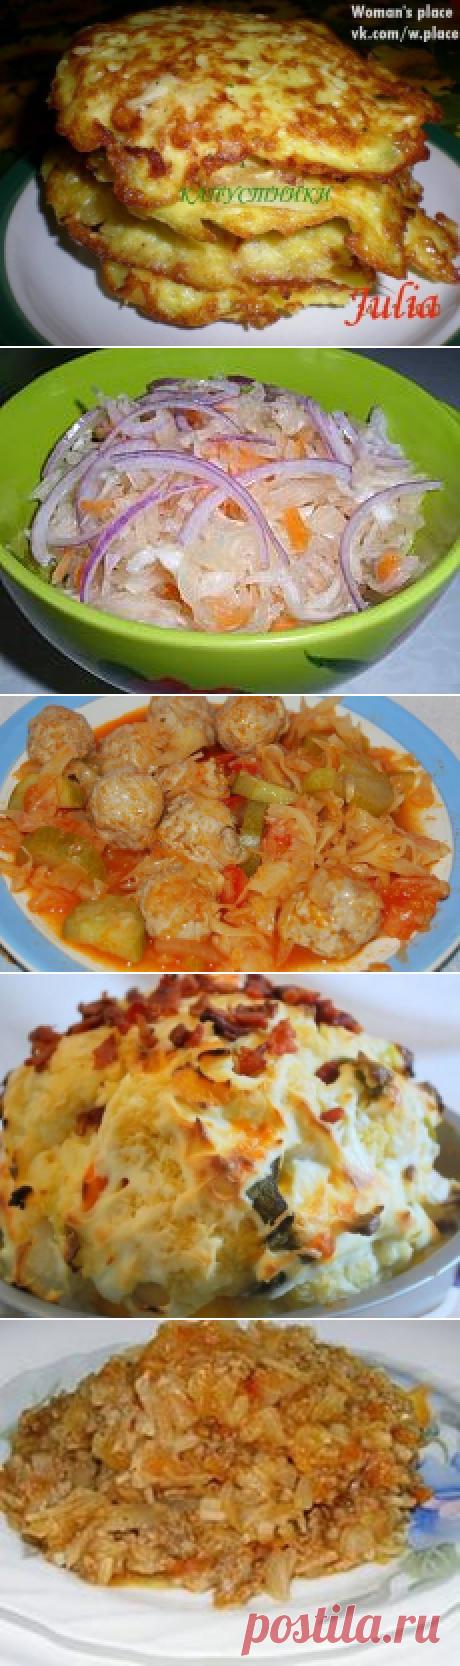 La búsqueda sobre el Postlimo: los platos de la col